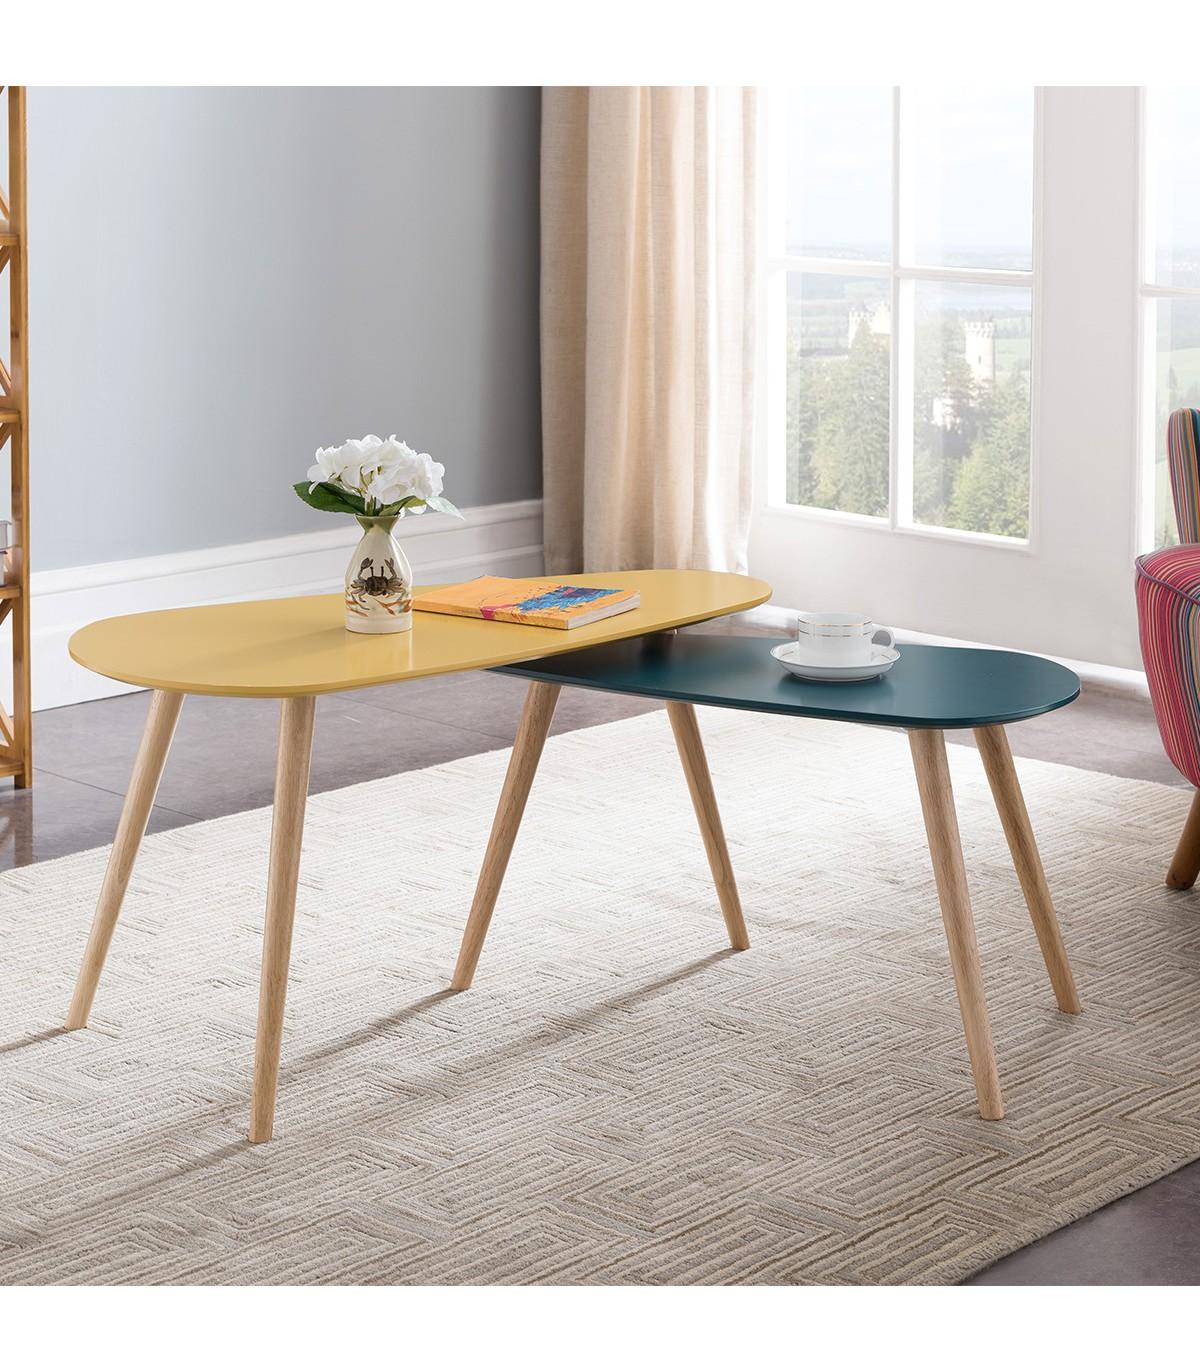 Lot de 2 Tables basses style scandinave couleur jaune et bleu